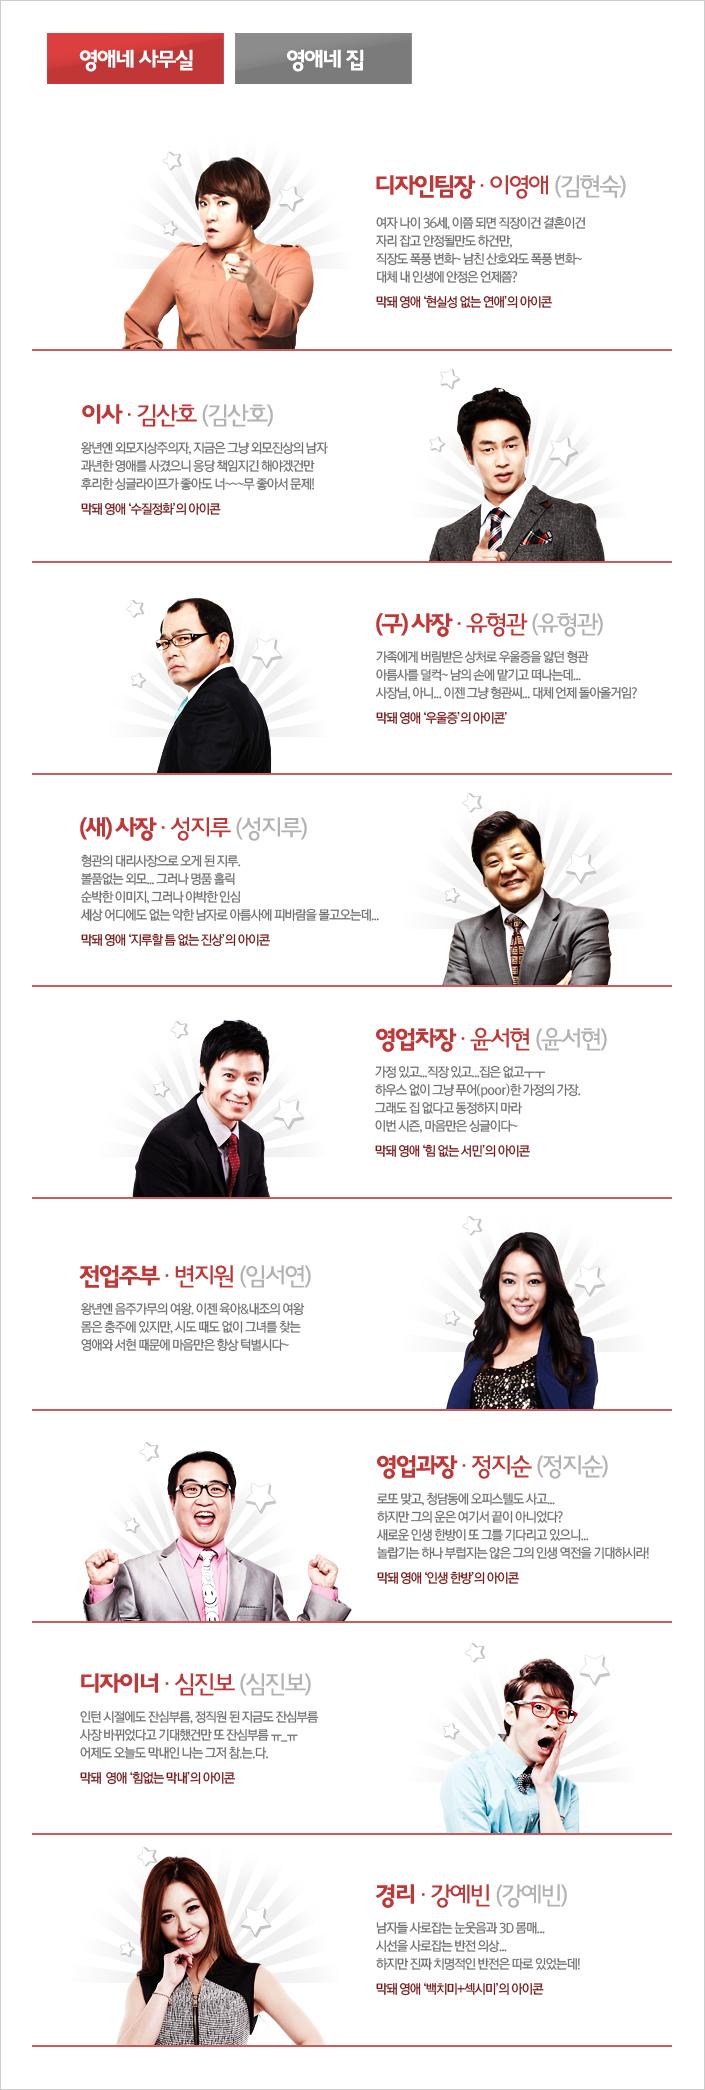 막돼먹은 영애씨 시즌11 > 캐릭터 소개: program.interest.me/tvn/youngae11/2/Board/View